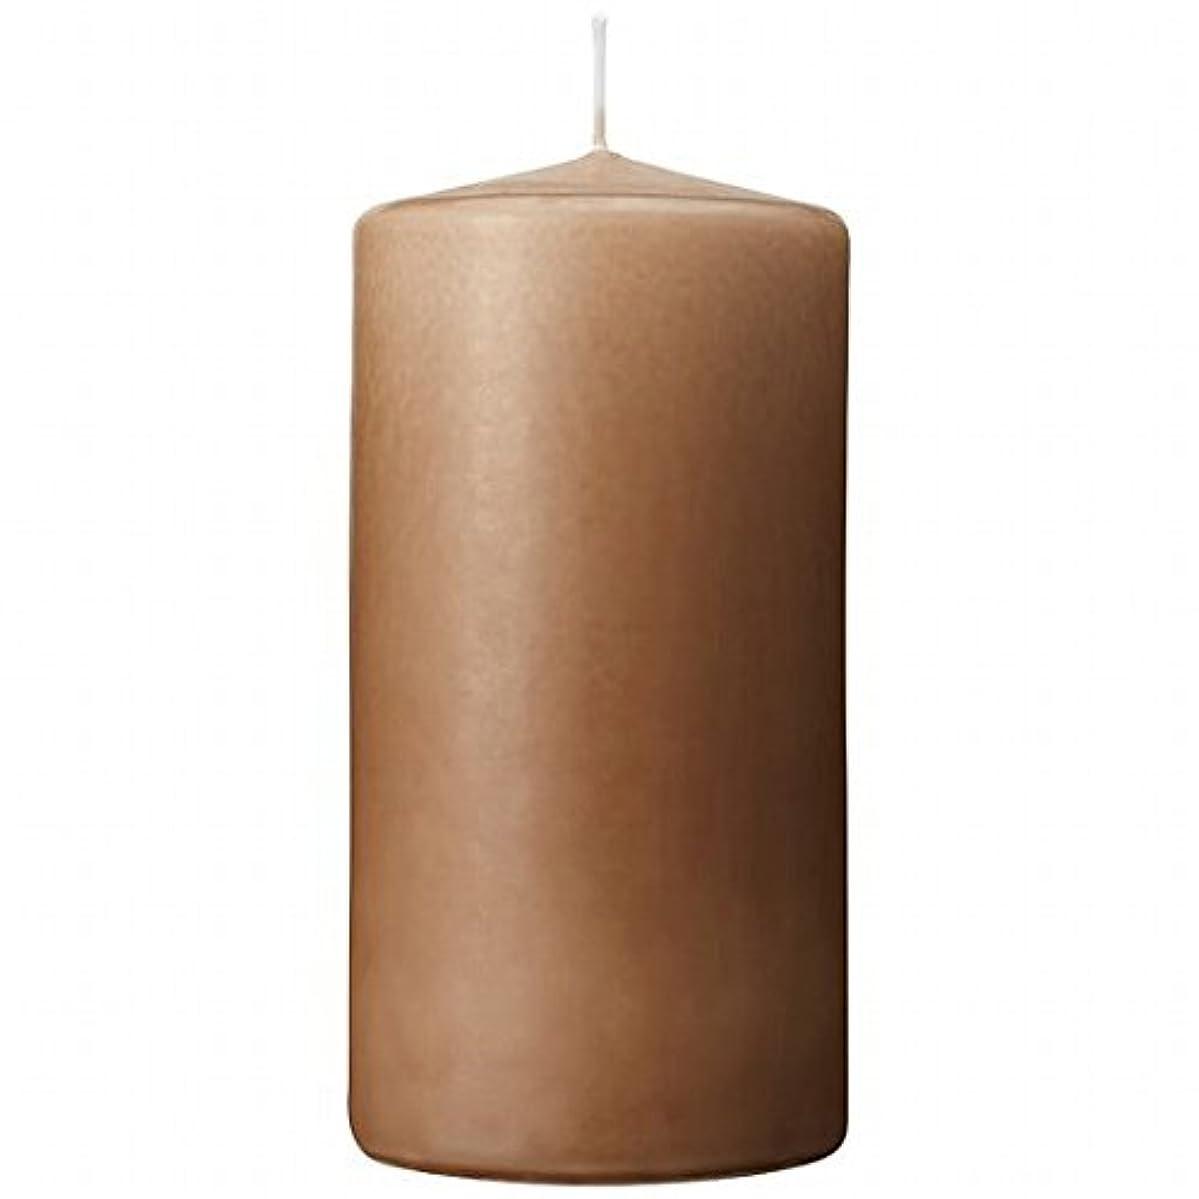 巻き戻す逃れるささやきカメヤマキャンドル(kameyama candle) 3×6ベルトップピラーキャンドル 「 モカ 」